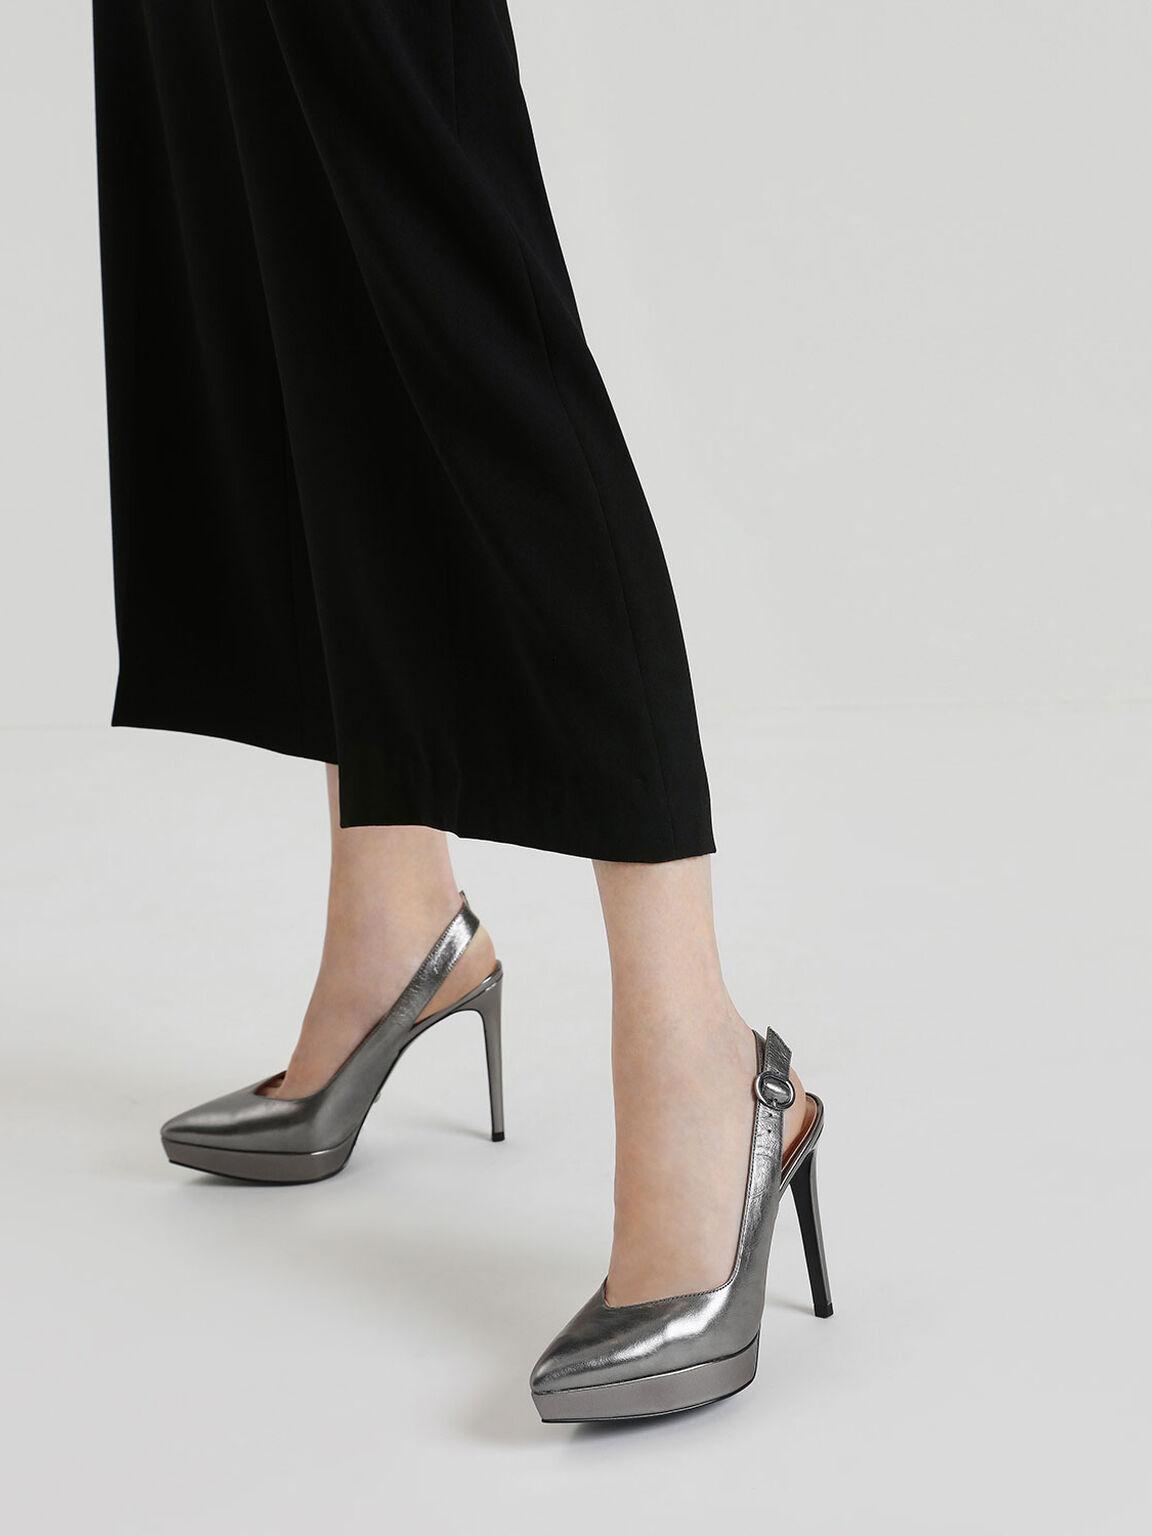 Wrinkled-Effect Leather Slingback Platform Heels, Pewter, hi-res